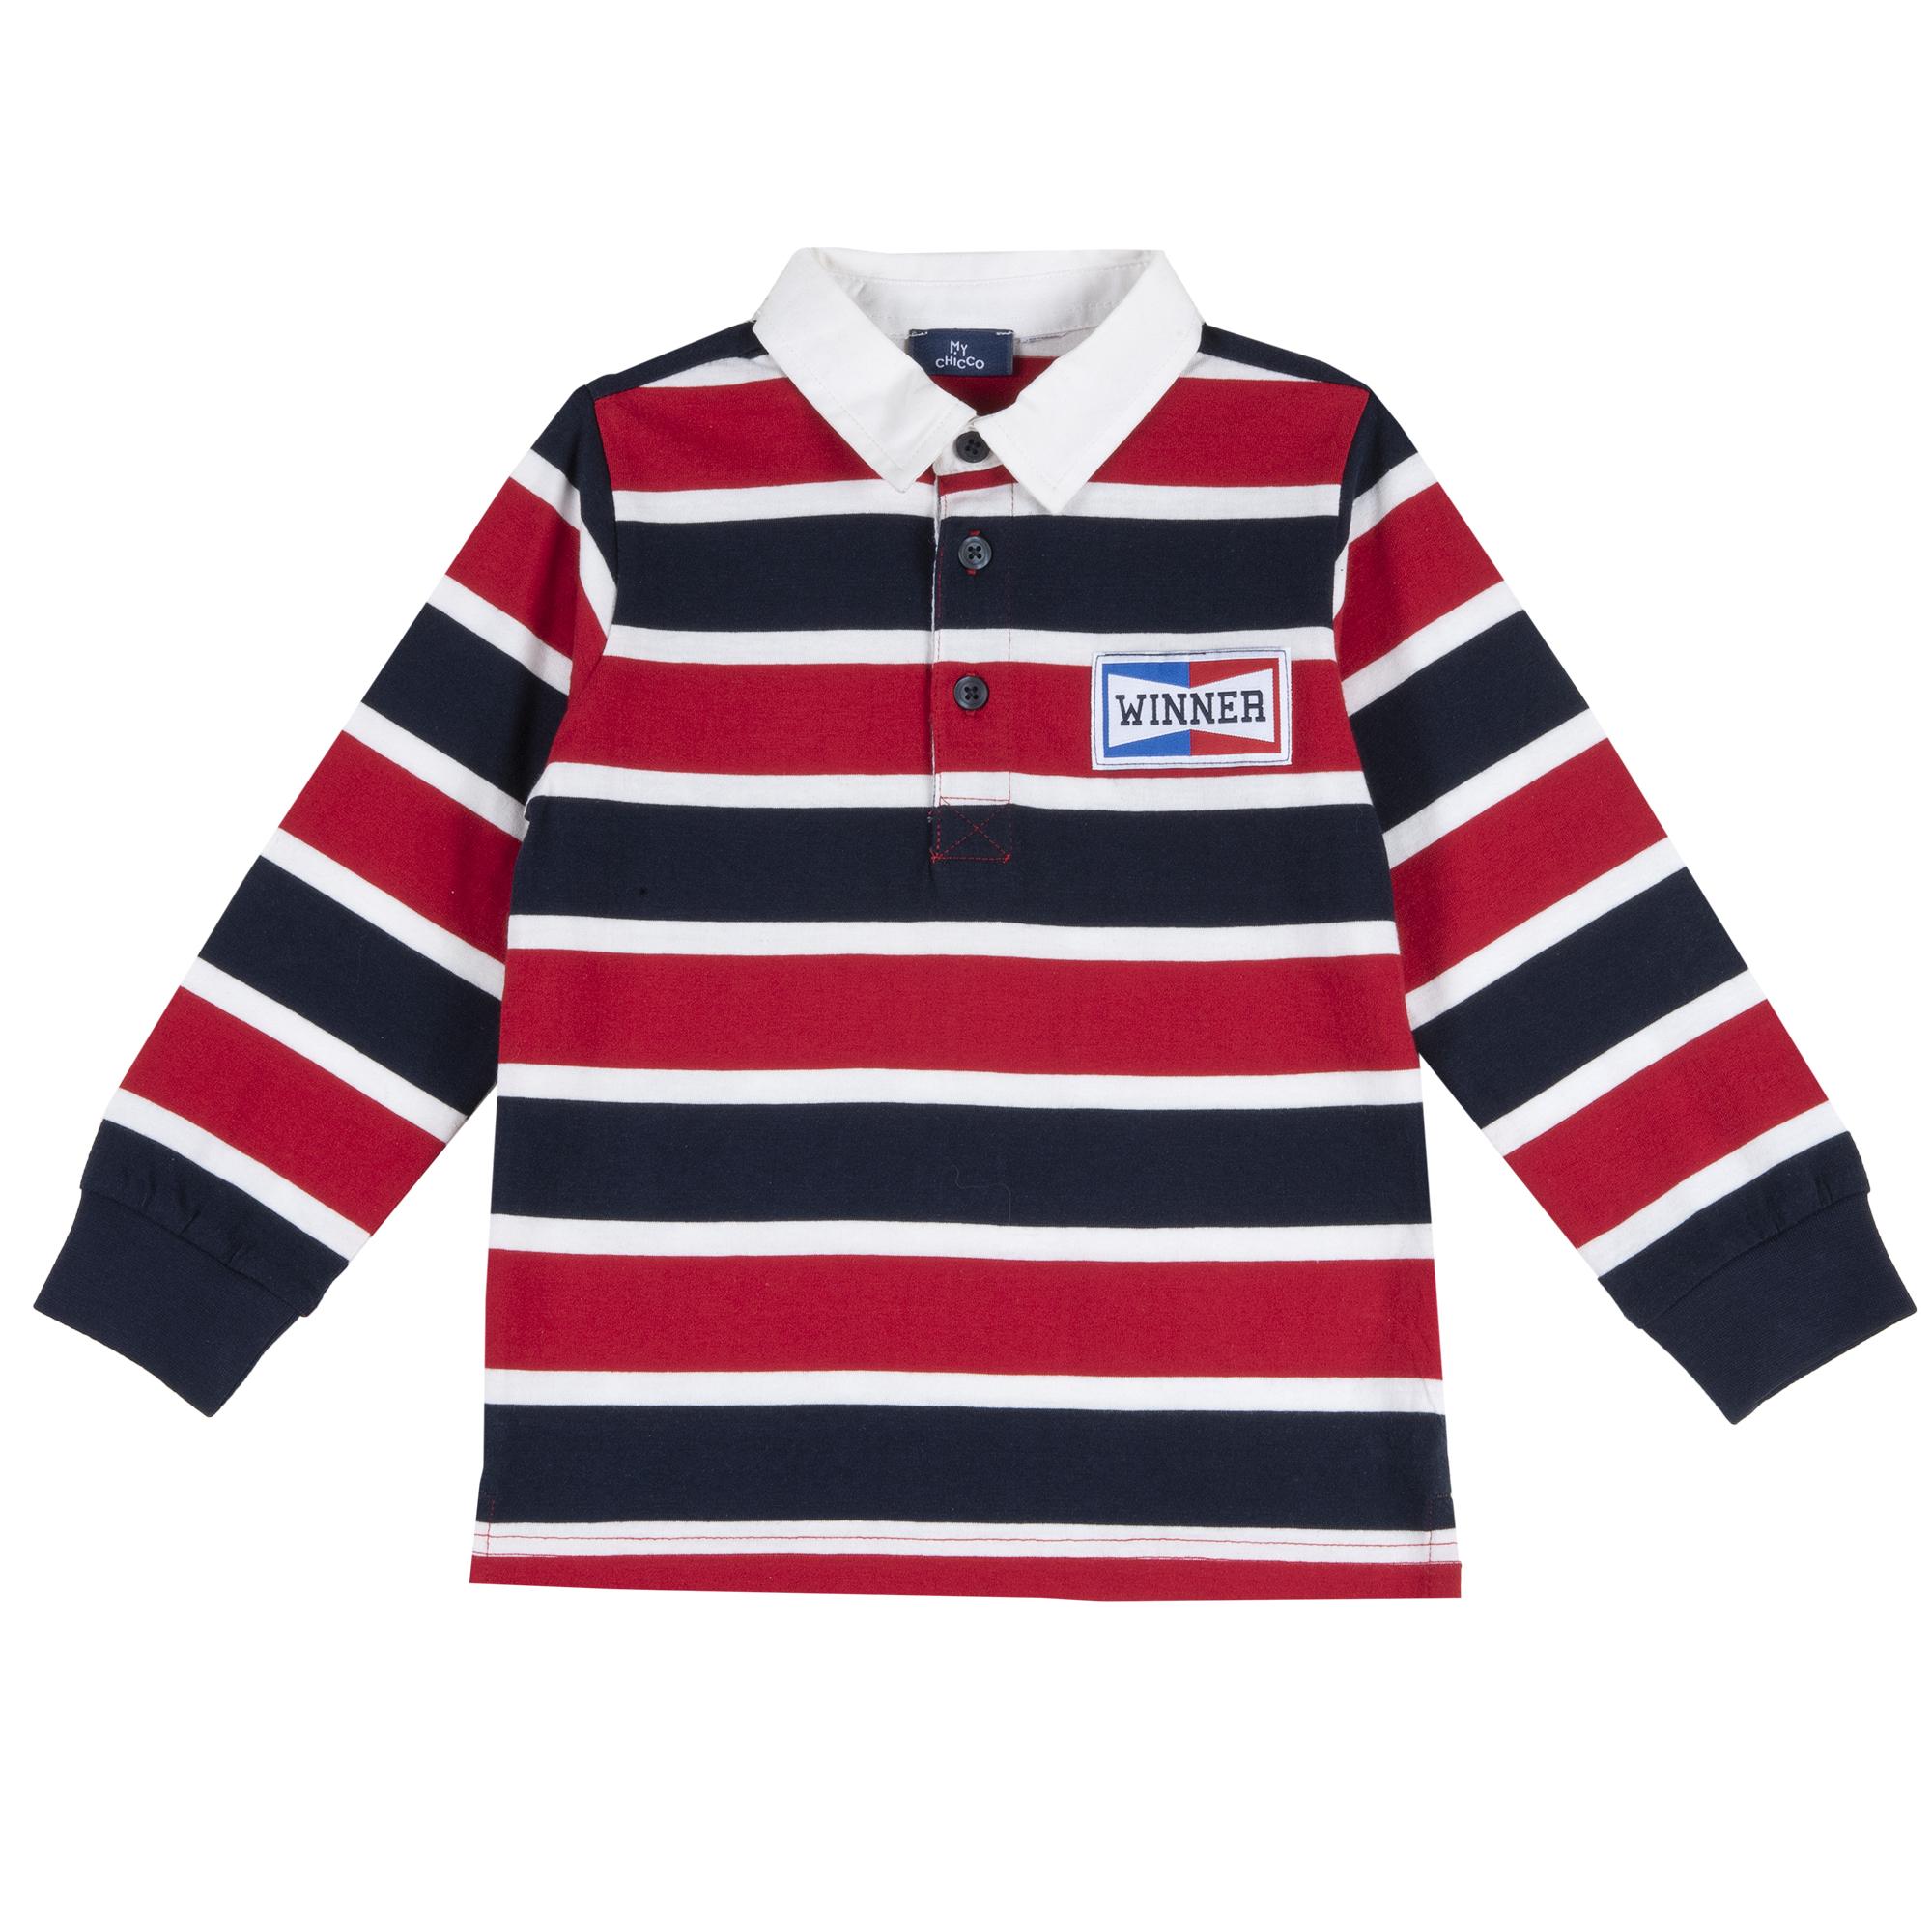 Bluza Copii Chicco, Tip Polo, Rosu, 33149 imagine